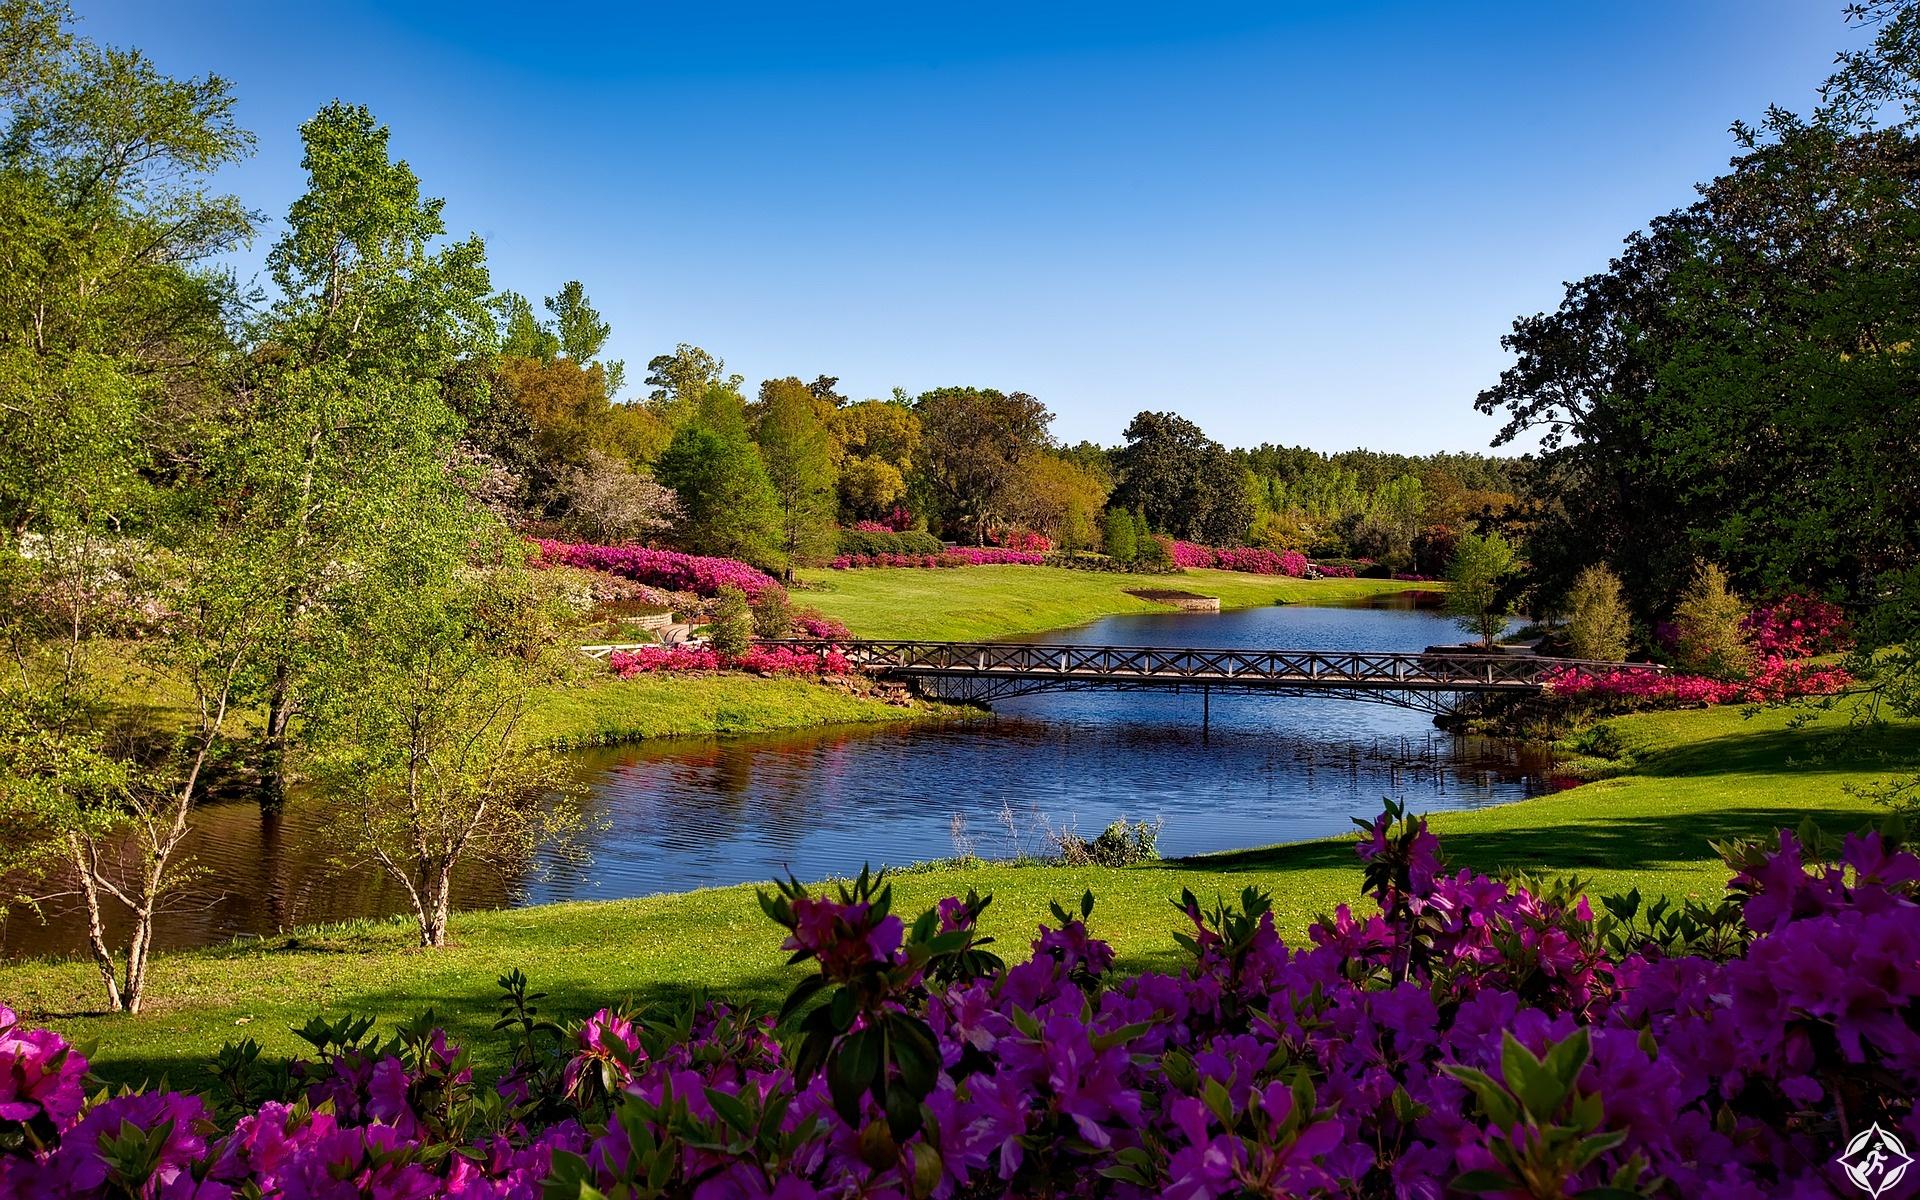 حدائق بلينغراث - المعالم السياحية في ألاباما